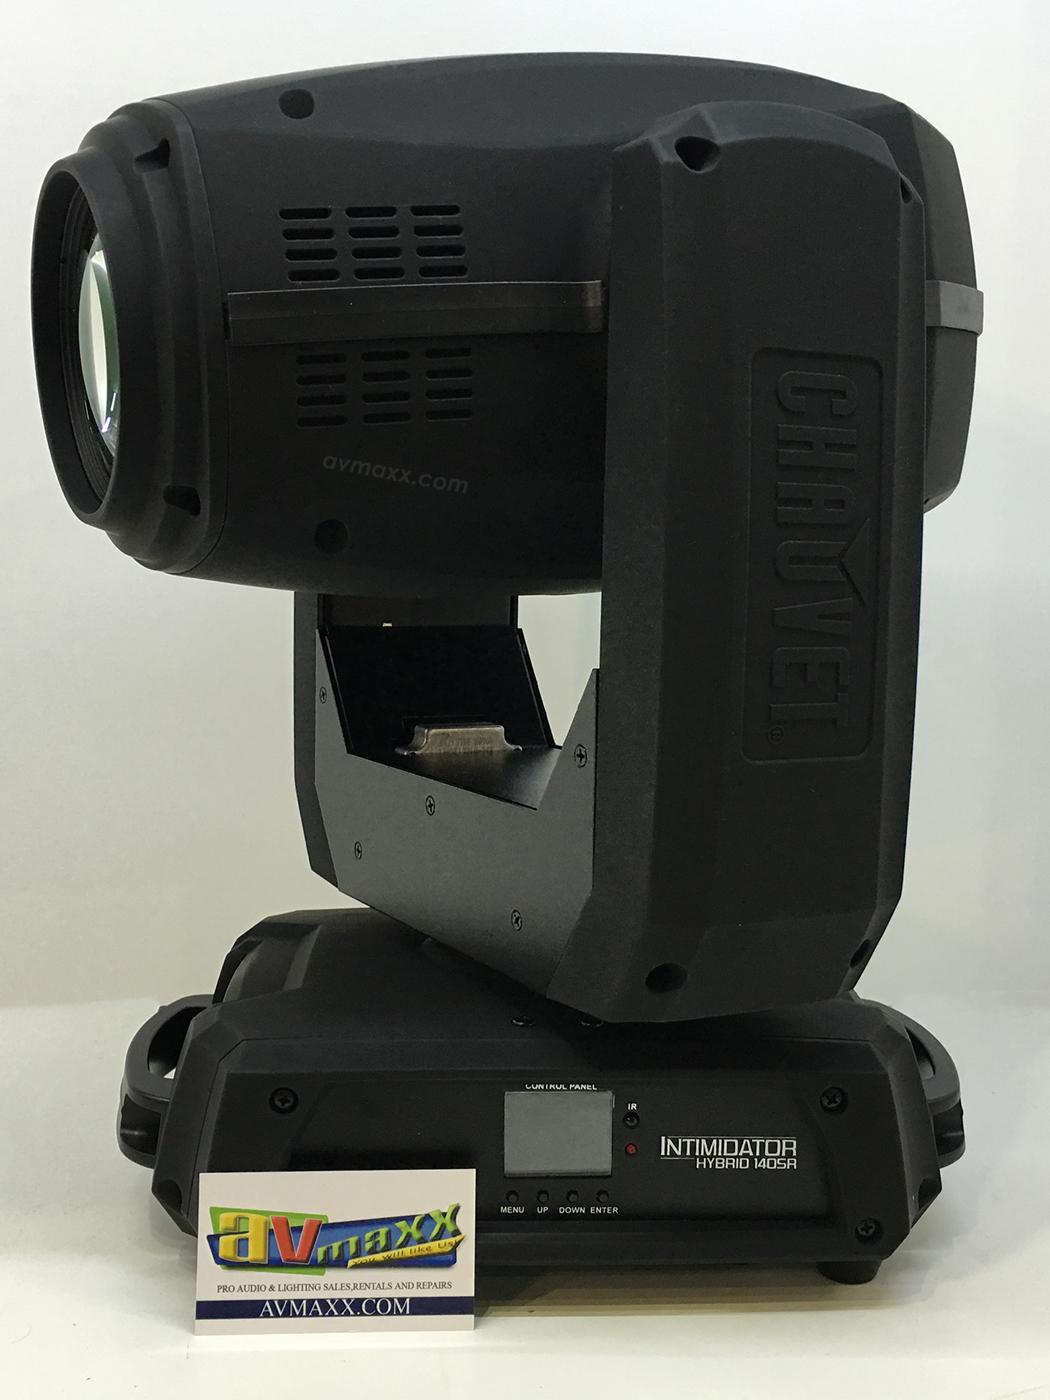 Chauvet dj intimidator hybrid 140sr used